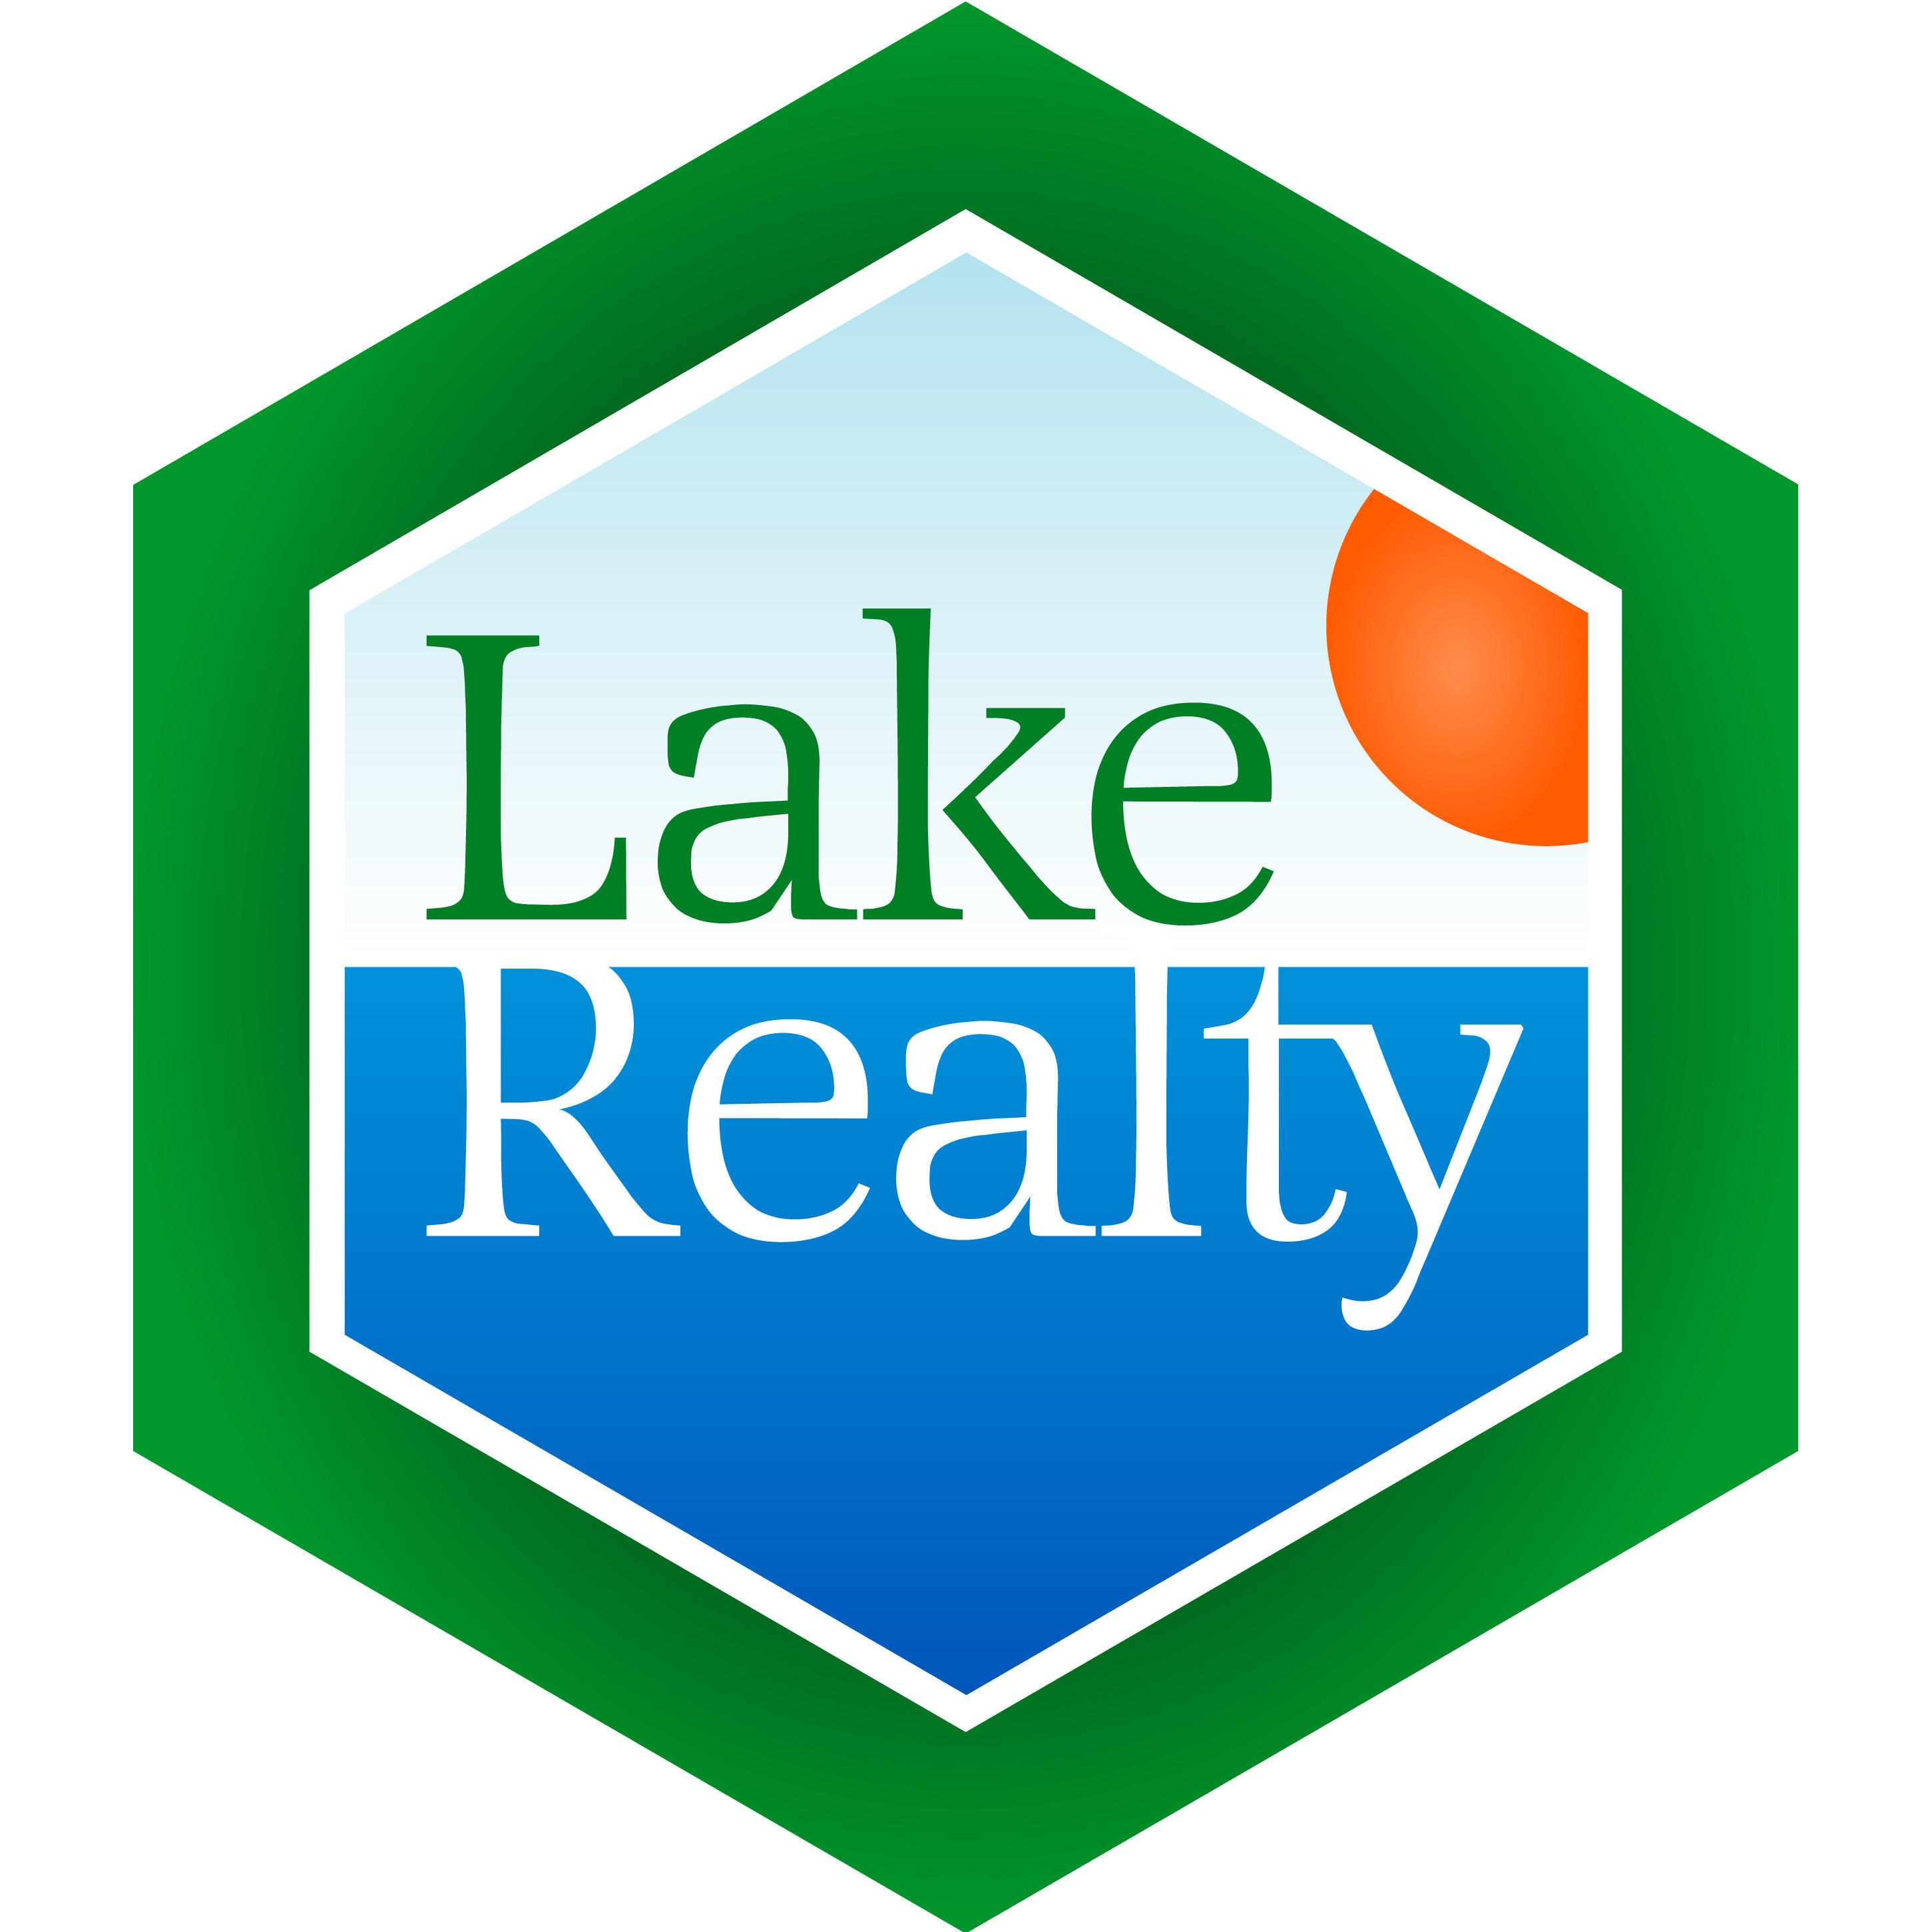 Lake Realty